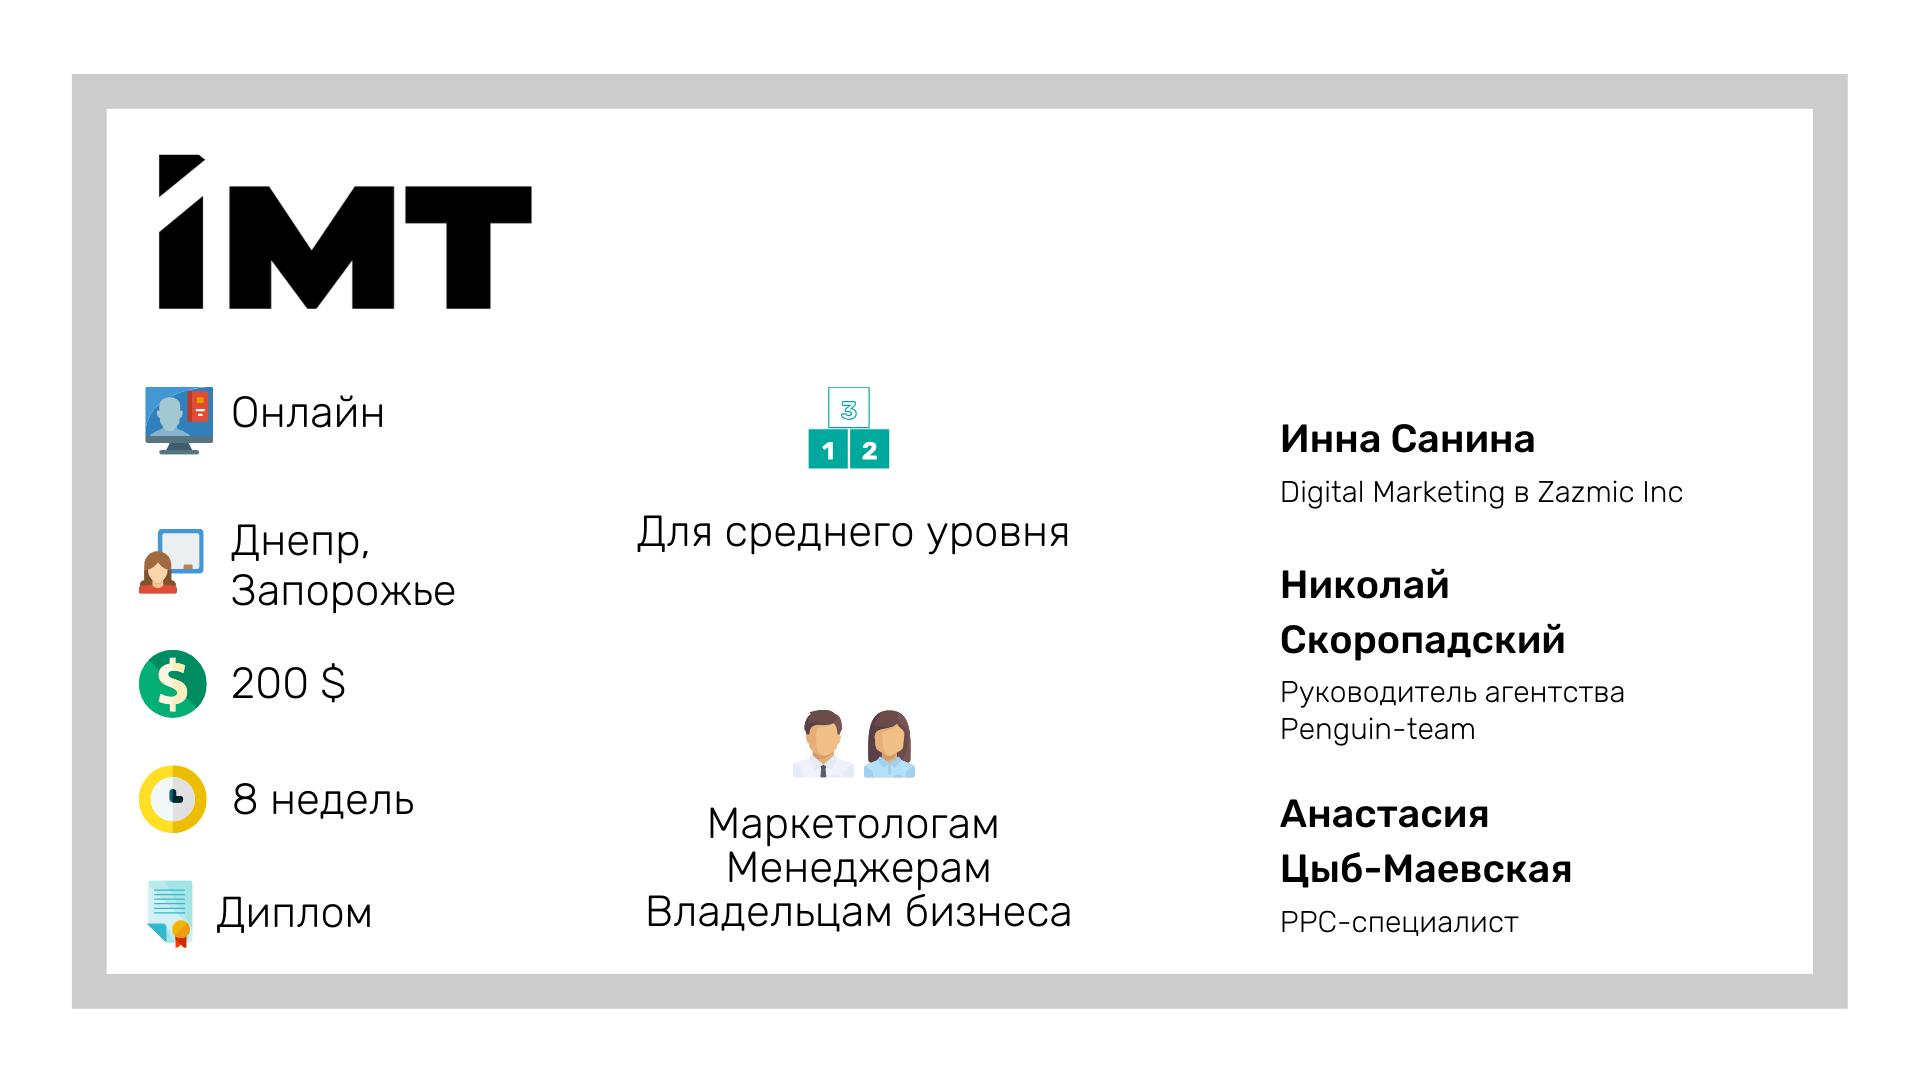 Академия интернет-технологий IMT.